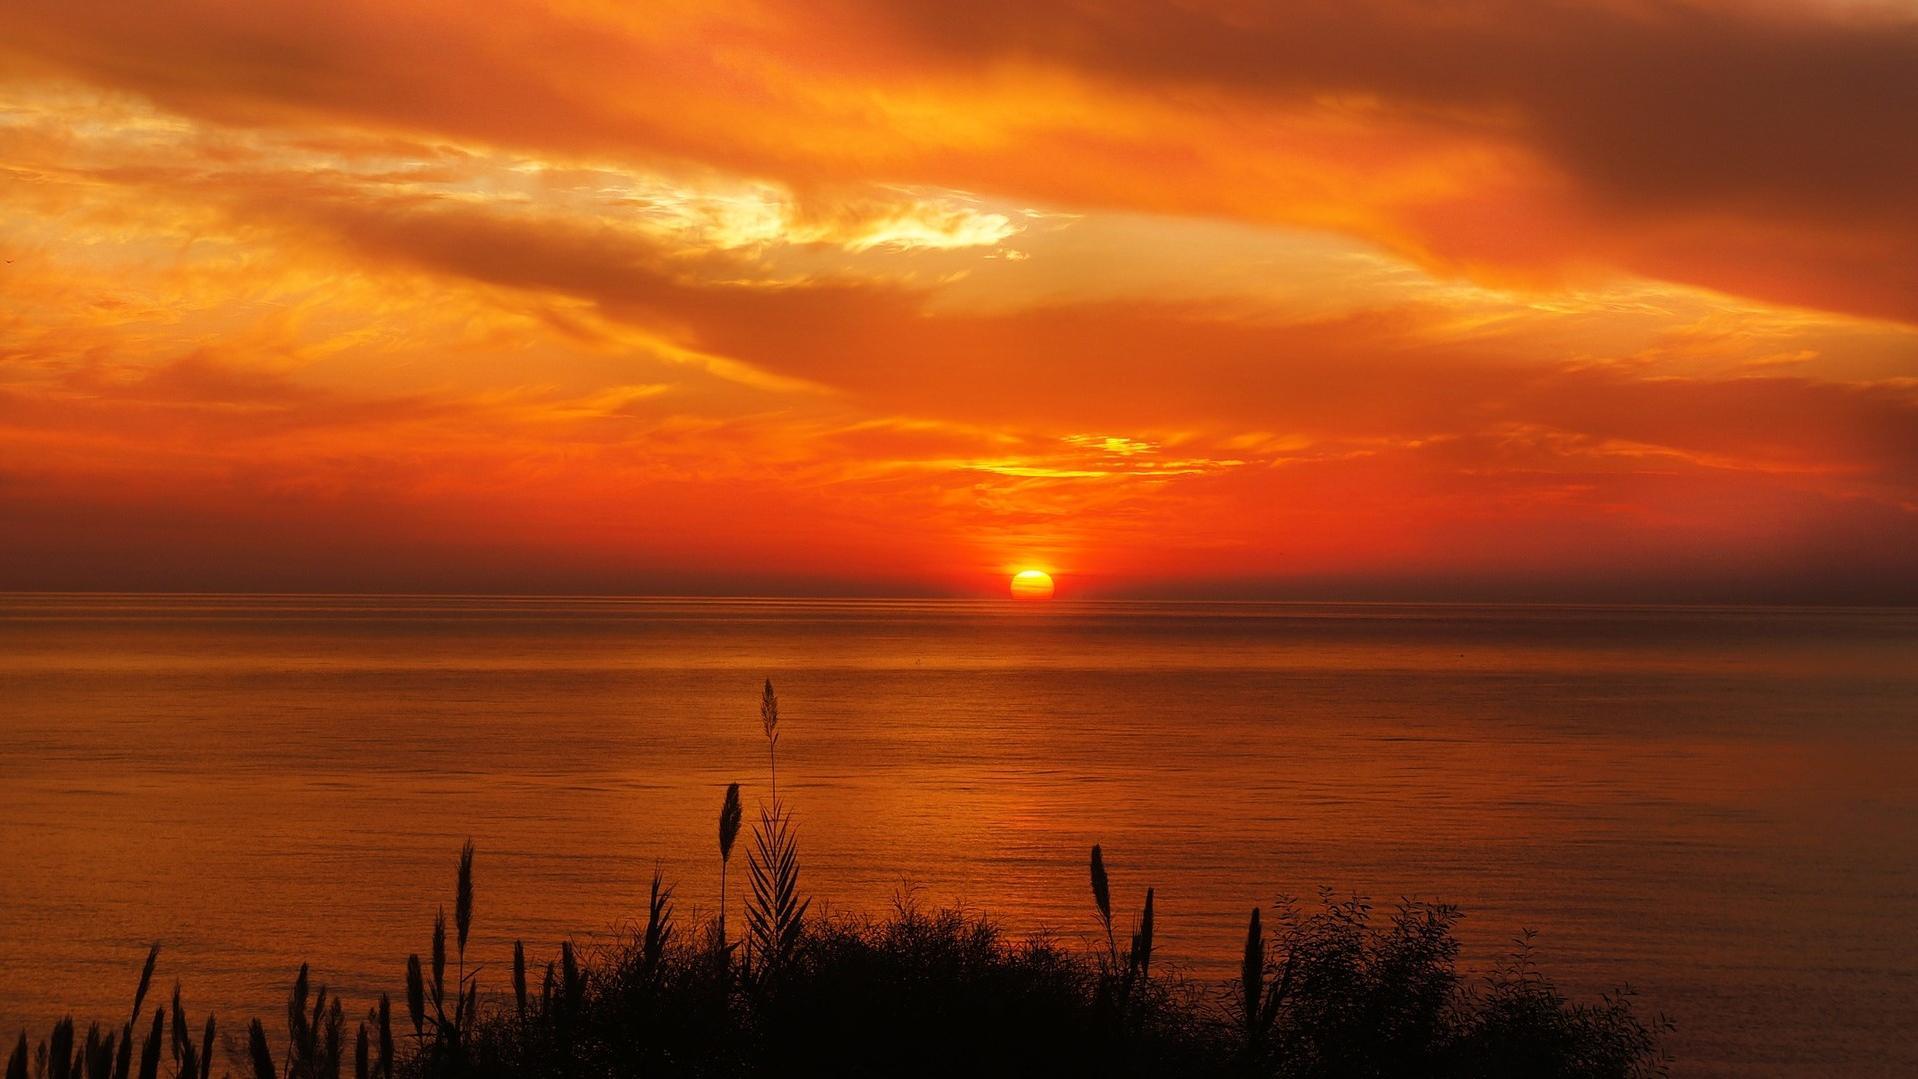 Auch wenn der Sonnenverlauf auf der Südhalbkugel anders ist, die Sonne geht auf der ganzen Welt im Westen unter.